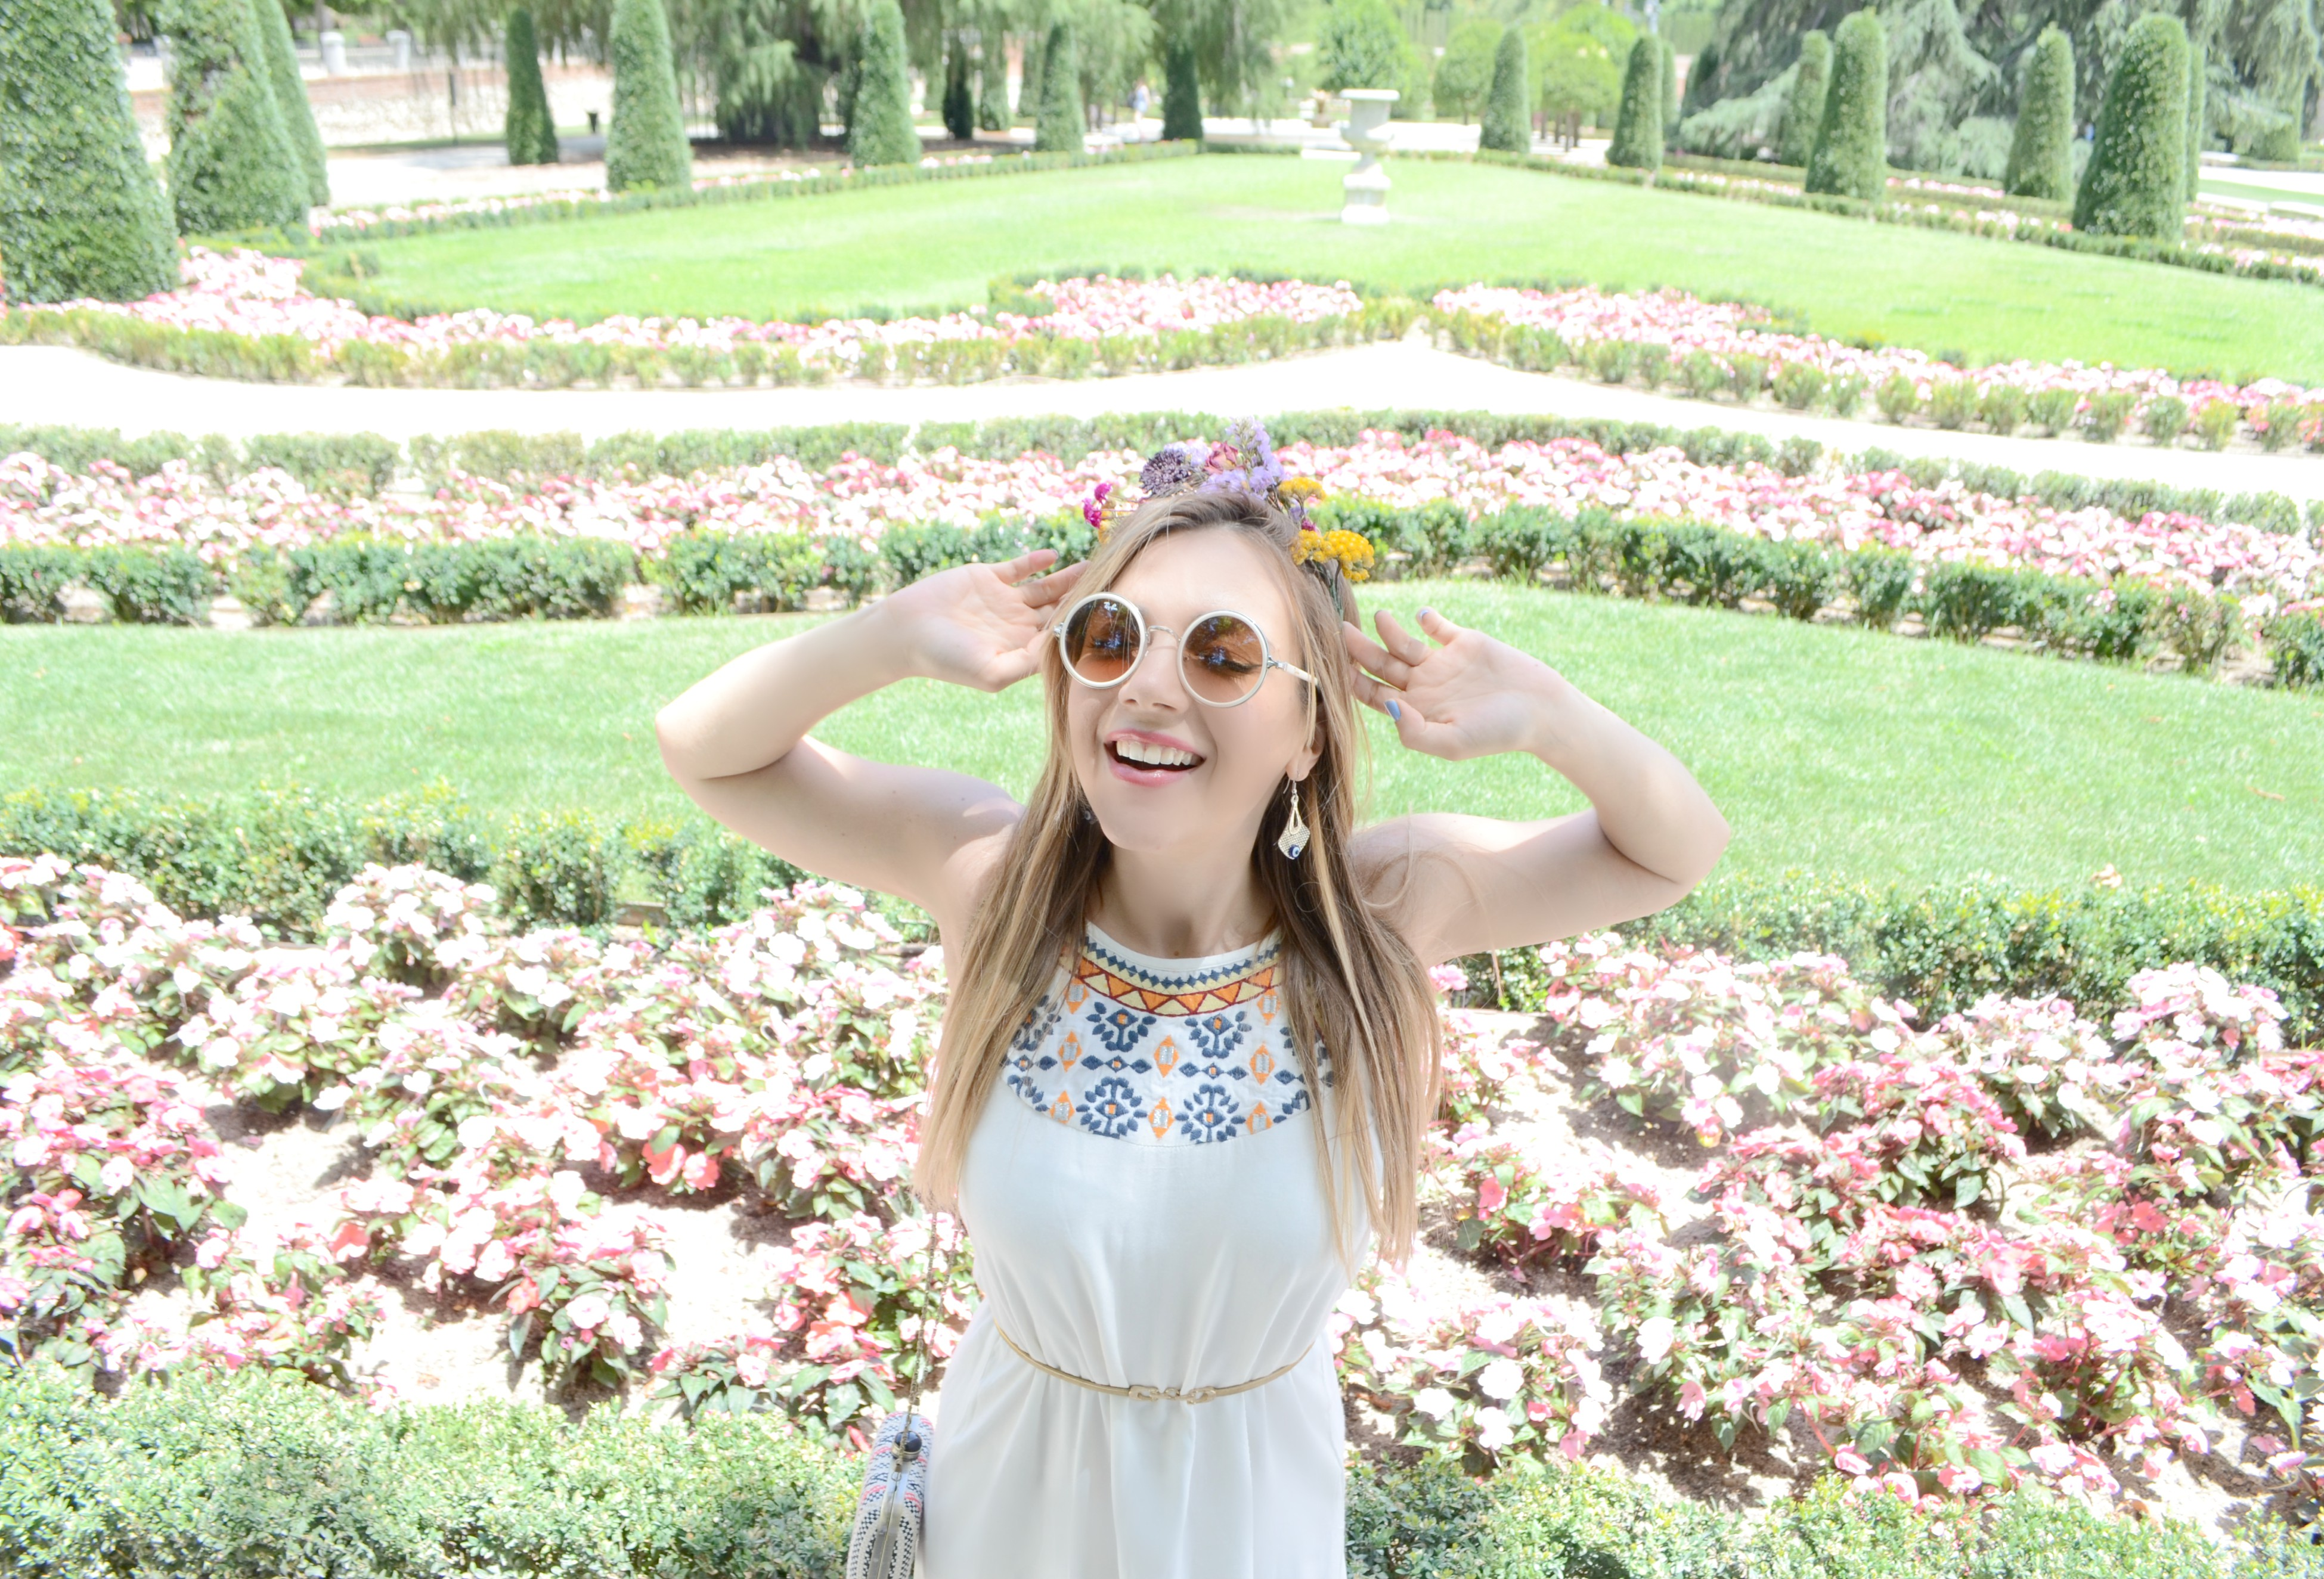 Vestidos-de-verano-surkana-blog-de-moda-ChicAdicta-fashionista-Chic-Adicta-influencer-corona-de-flores-PiensaenChic-Piensa-en-Chic